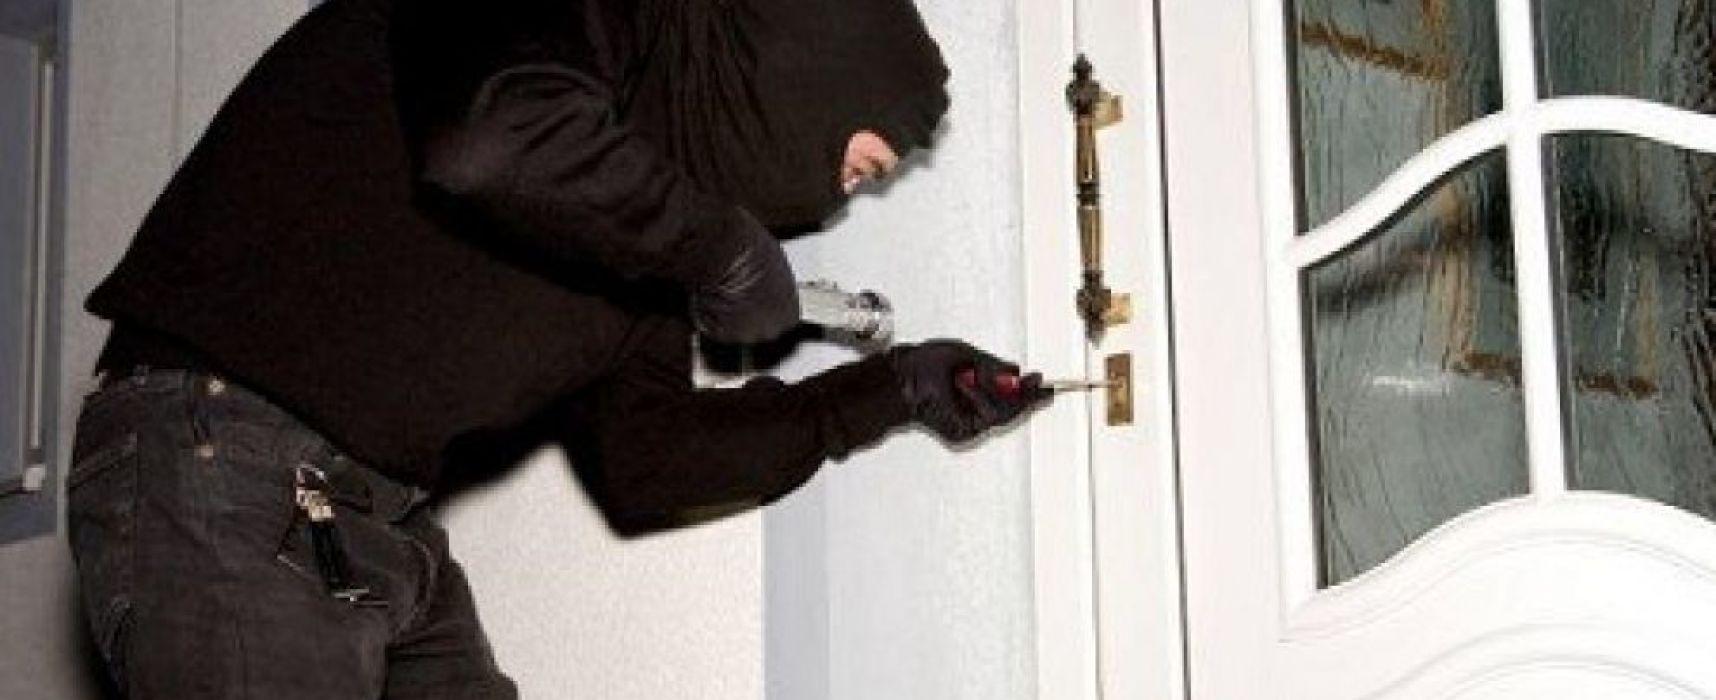 Anche sabato notte i ladri hanno colpito in alcune abitazioni  di camiliano